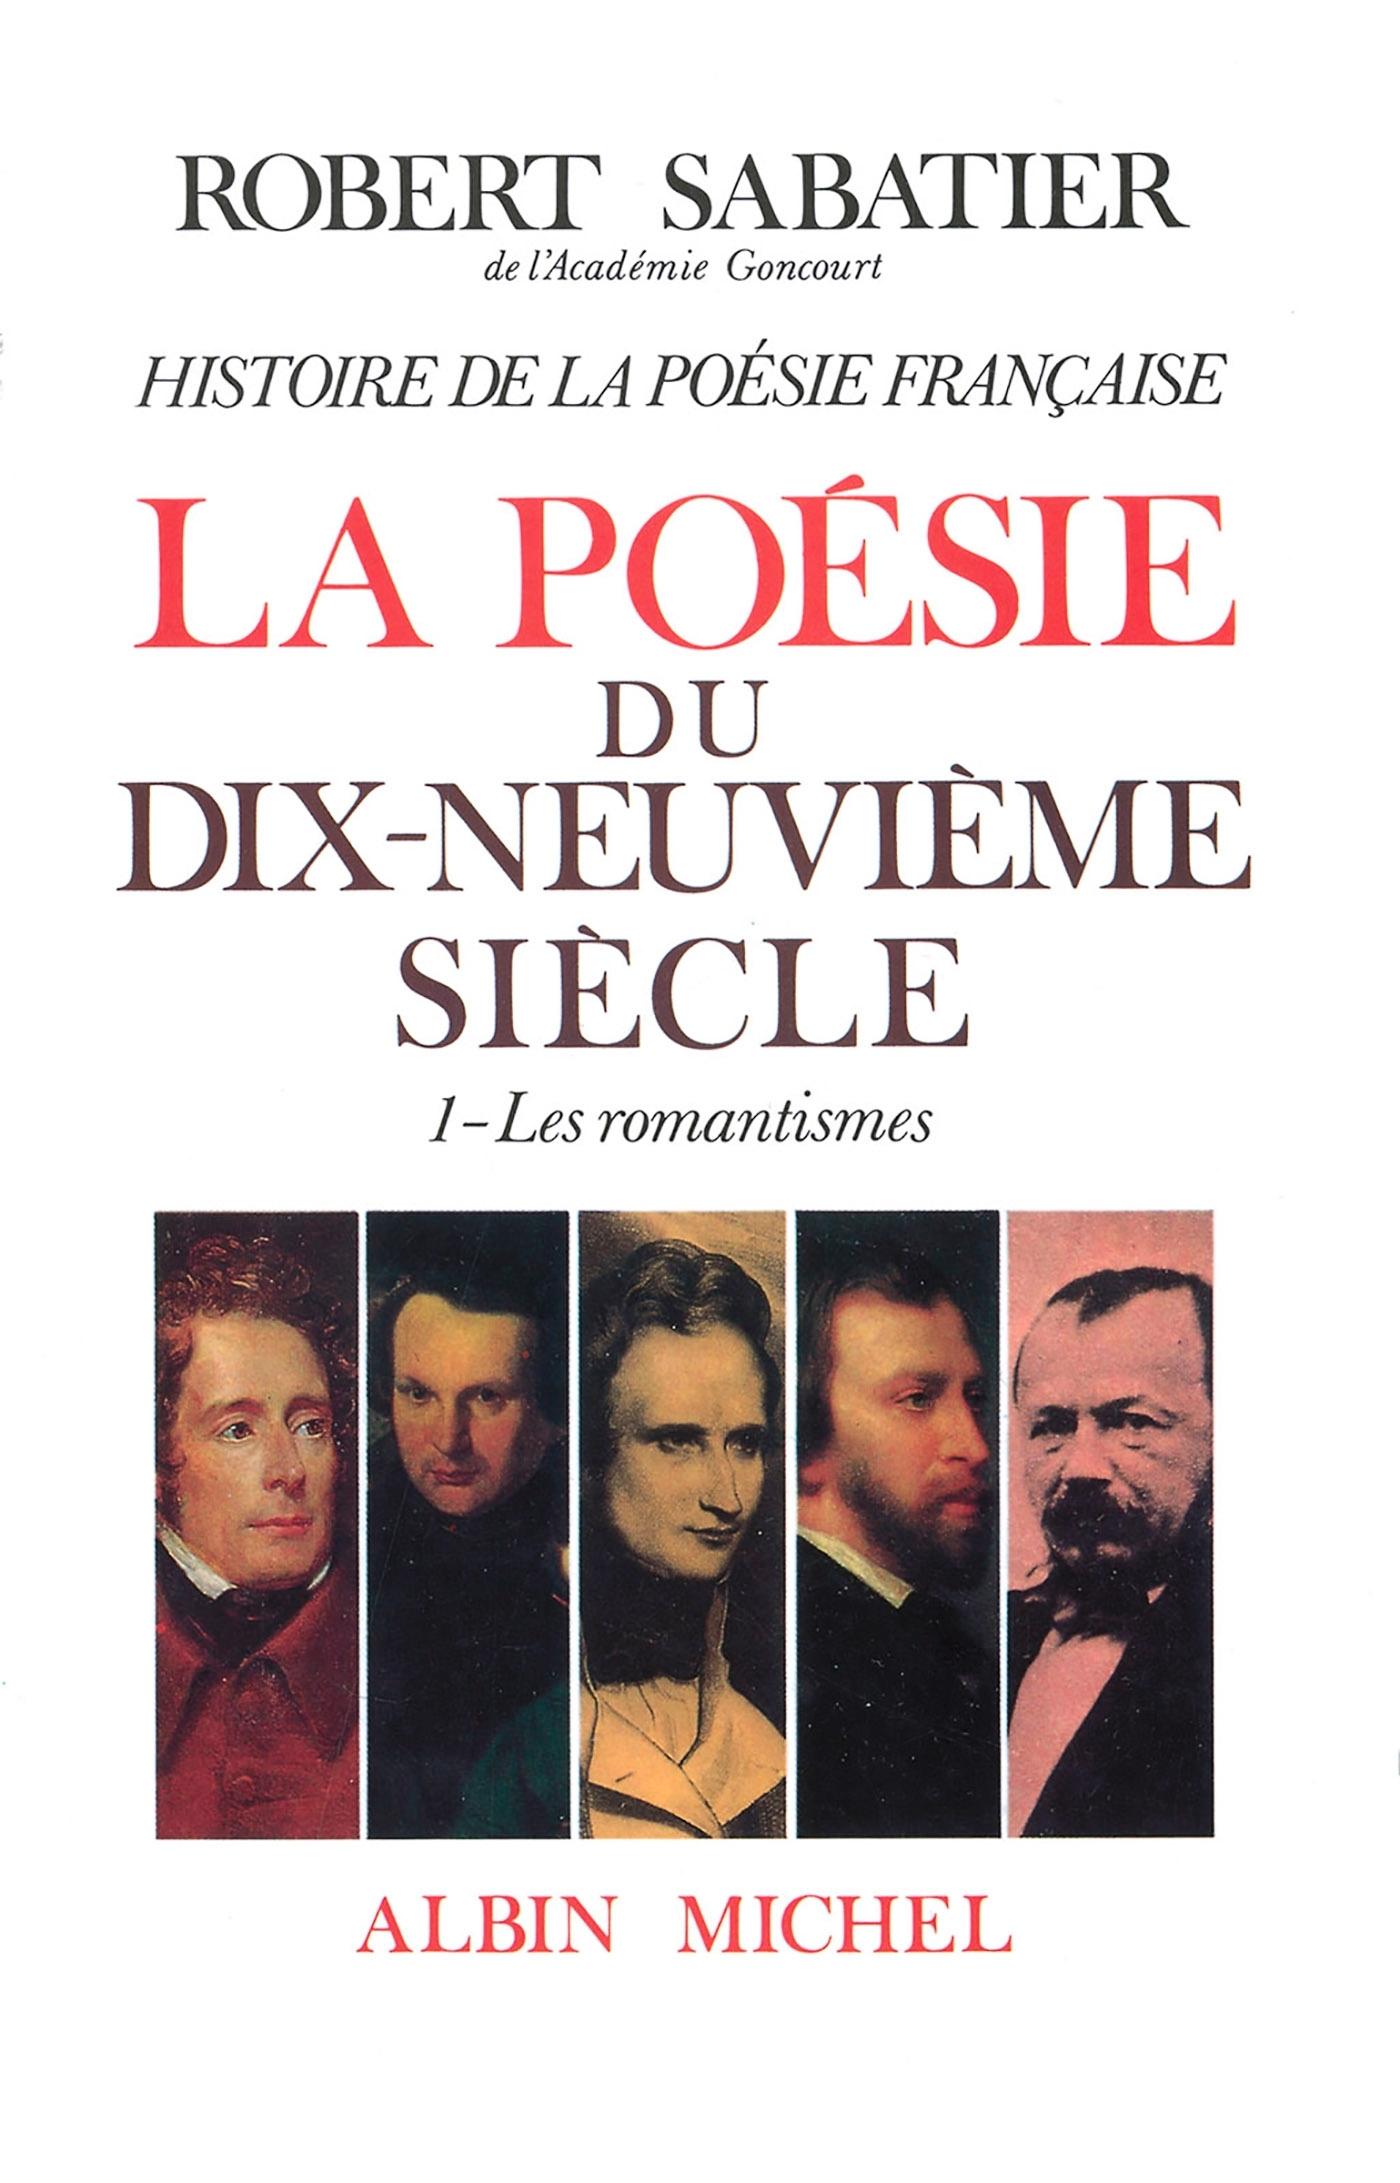 HISTOIRE DE LA POESIE DU XIXE SIECLE - TOME 1